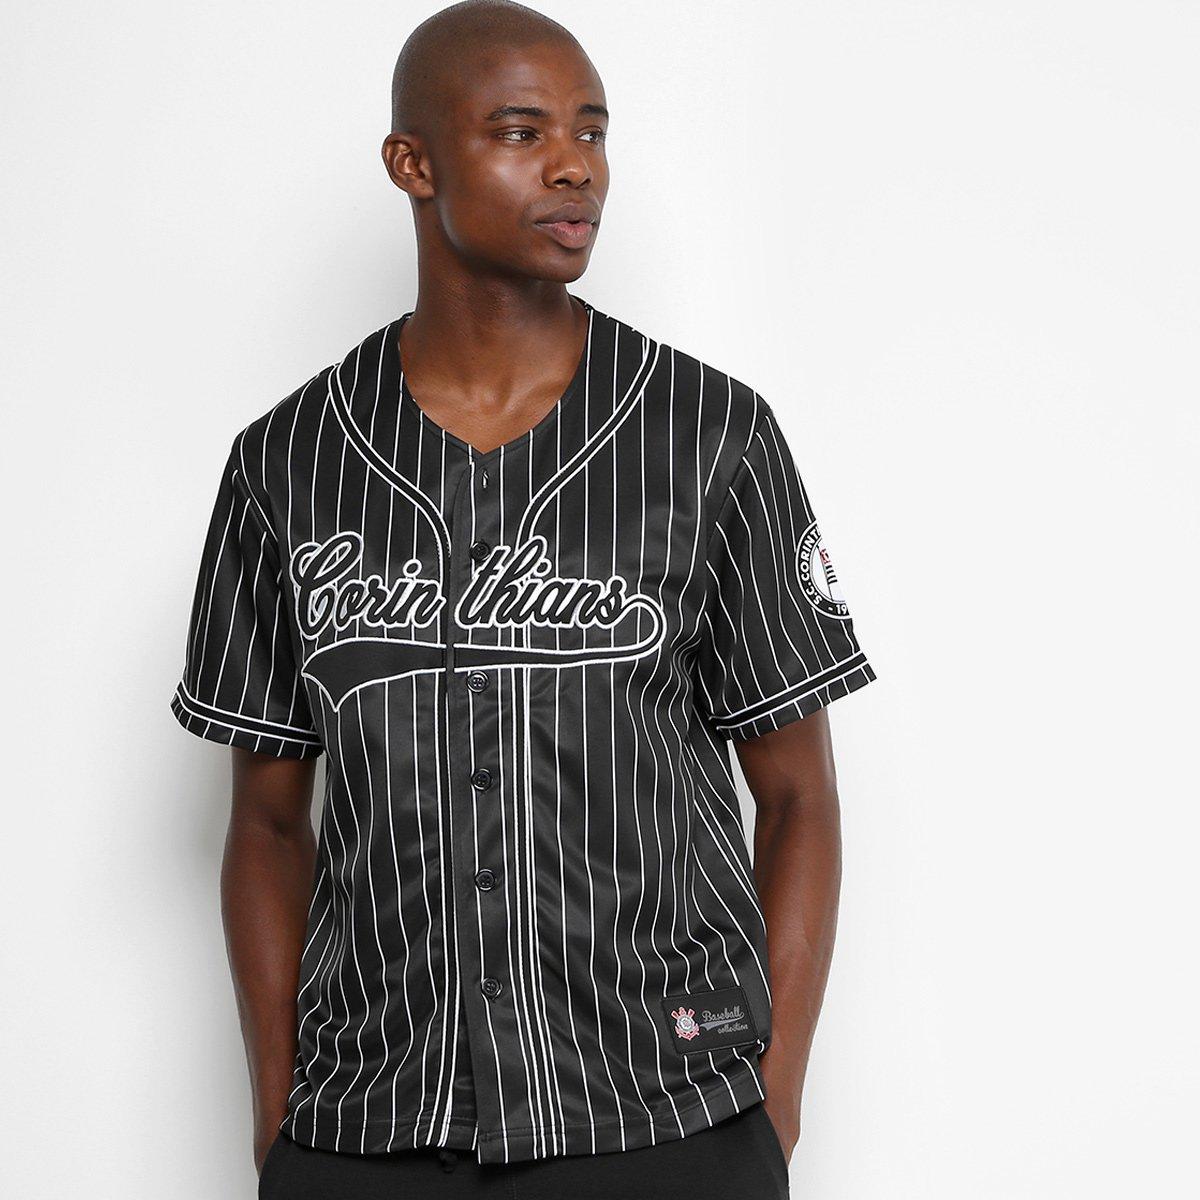 8cdd9dbd3f Camisa Corinthians Baseball Masculina - Preto e Branco - Compre ...